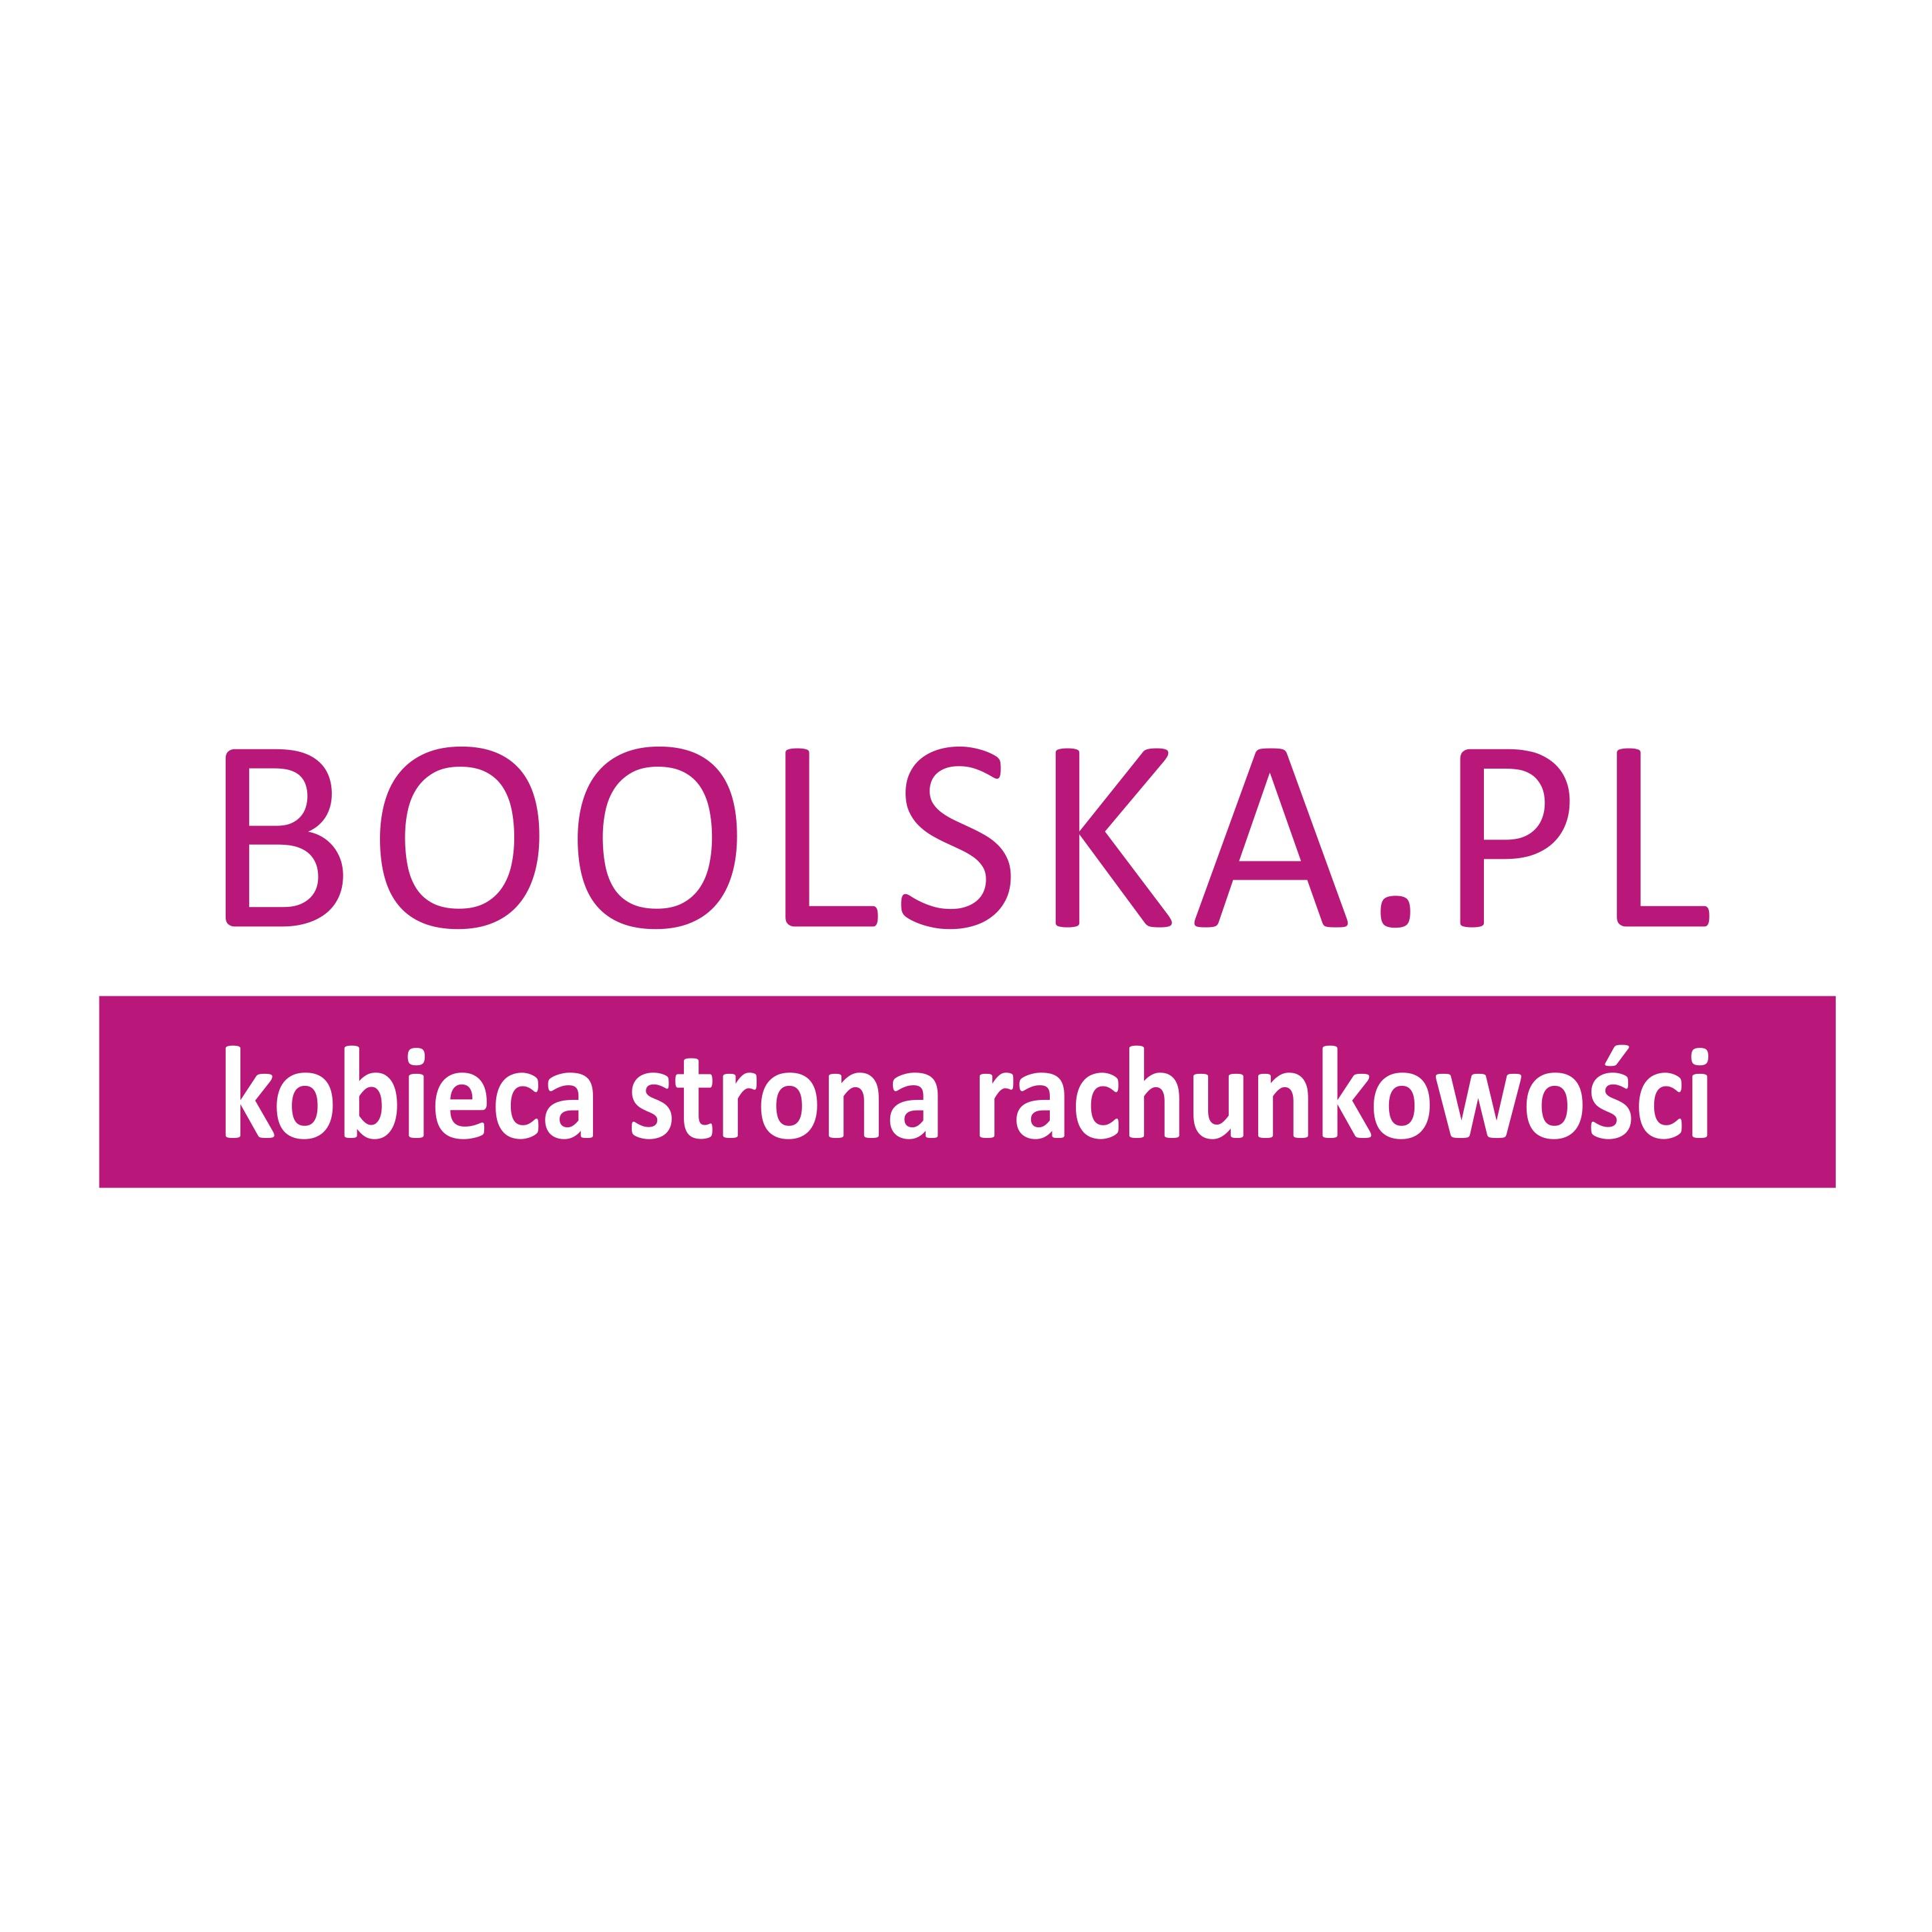 boolskapl_logotyp